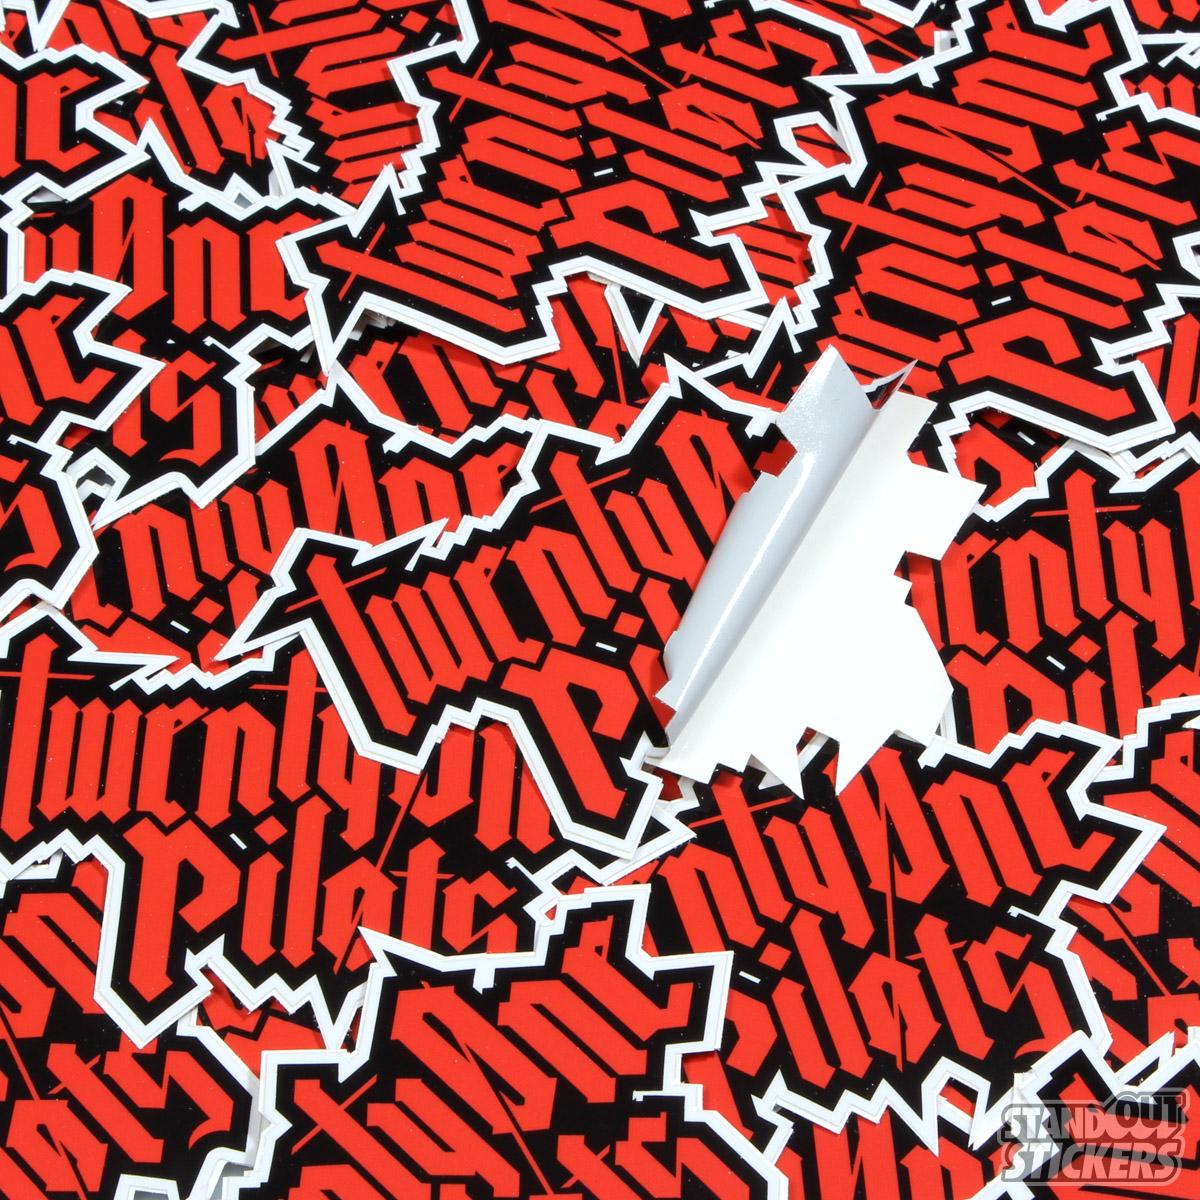 Vinyl custom stickers · twenty one pilots die cut custom stickers